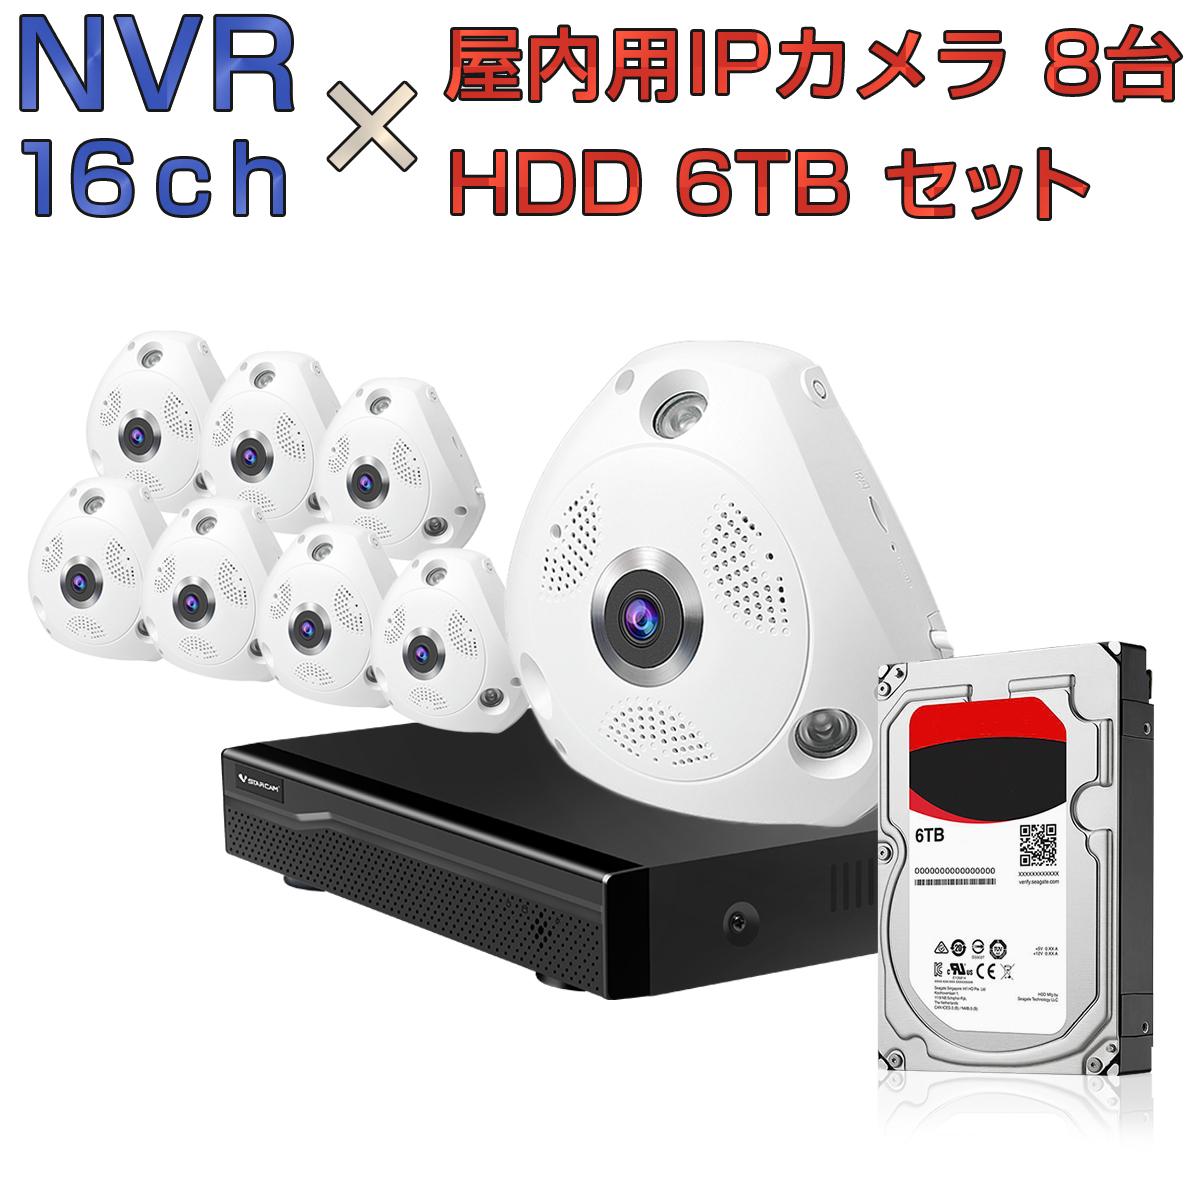 NVR ネットワークビデオレコーダー 16ch HDD6TB内蔵 C61S 2K 1080P 200万画素カメラ 8台セット IP ONVIF形式 スマホ対応 遠隔監視 1080P FHD 動体検知 同時出力 録音対応 H.265+ IPカメラレコーダー監視システム 宅配便送料無料 1年保証